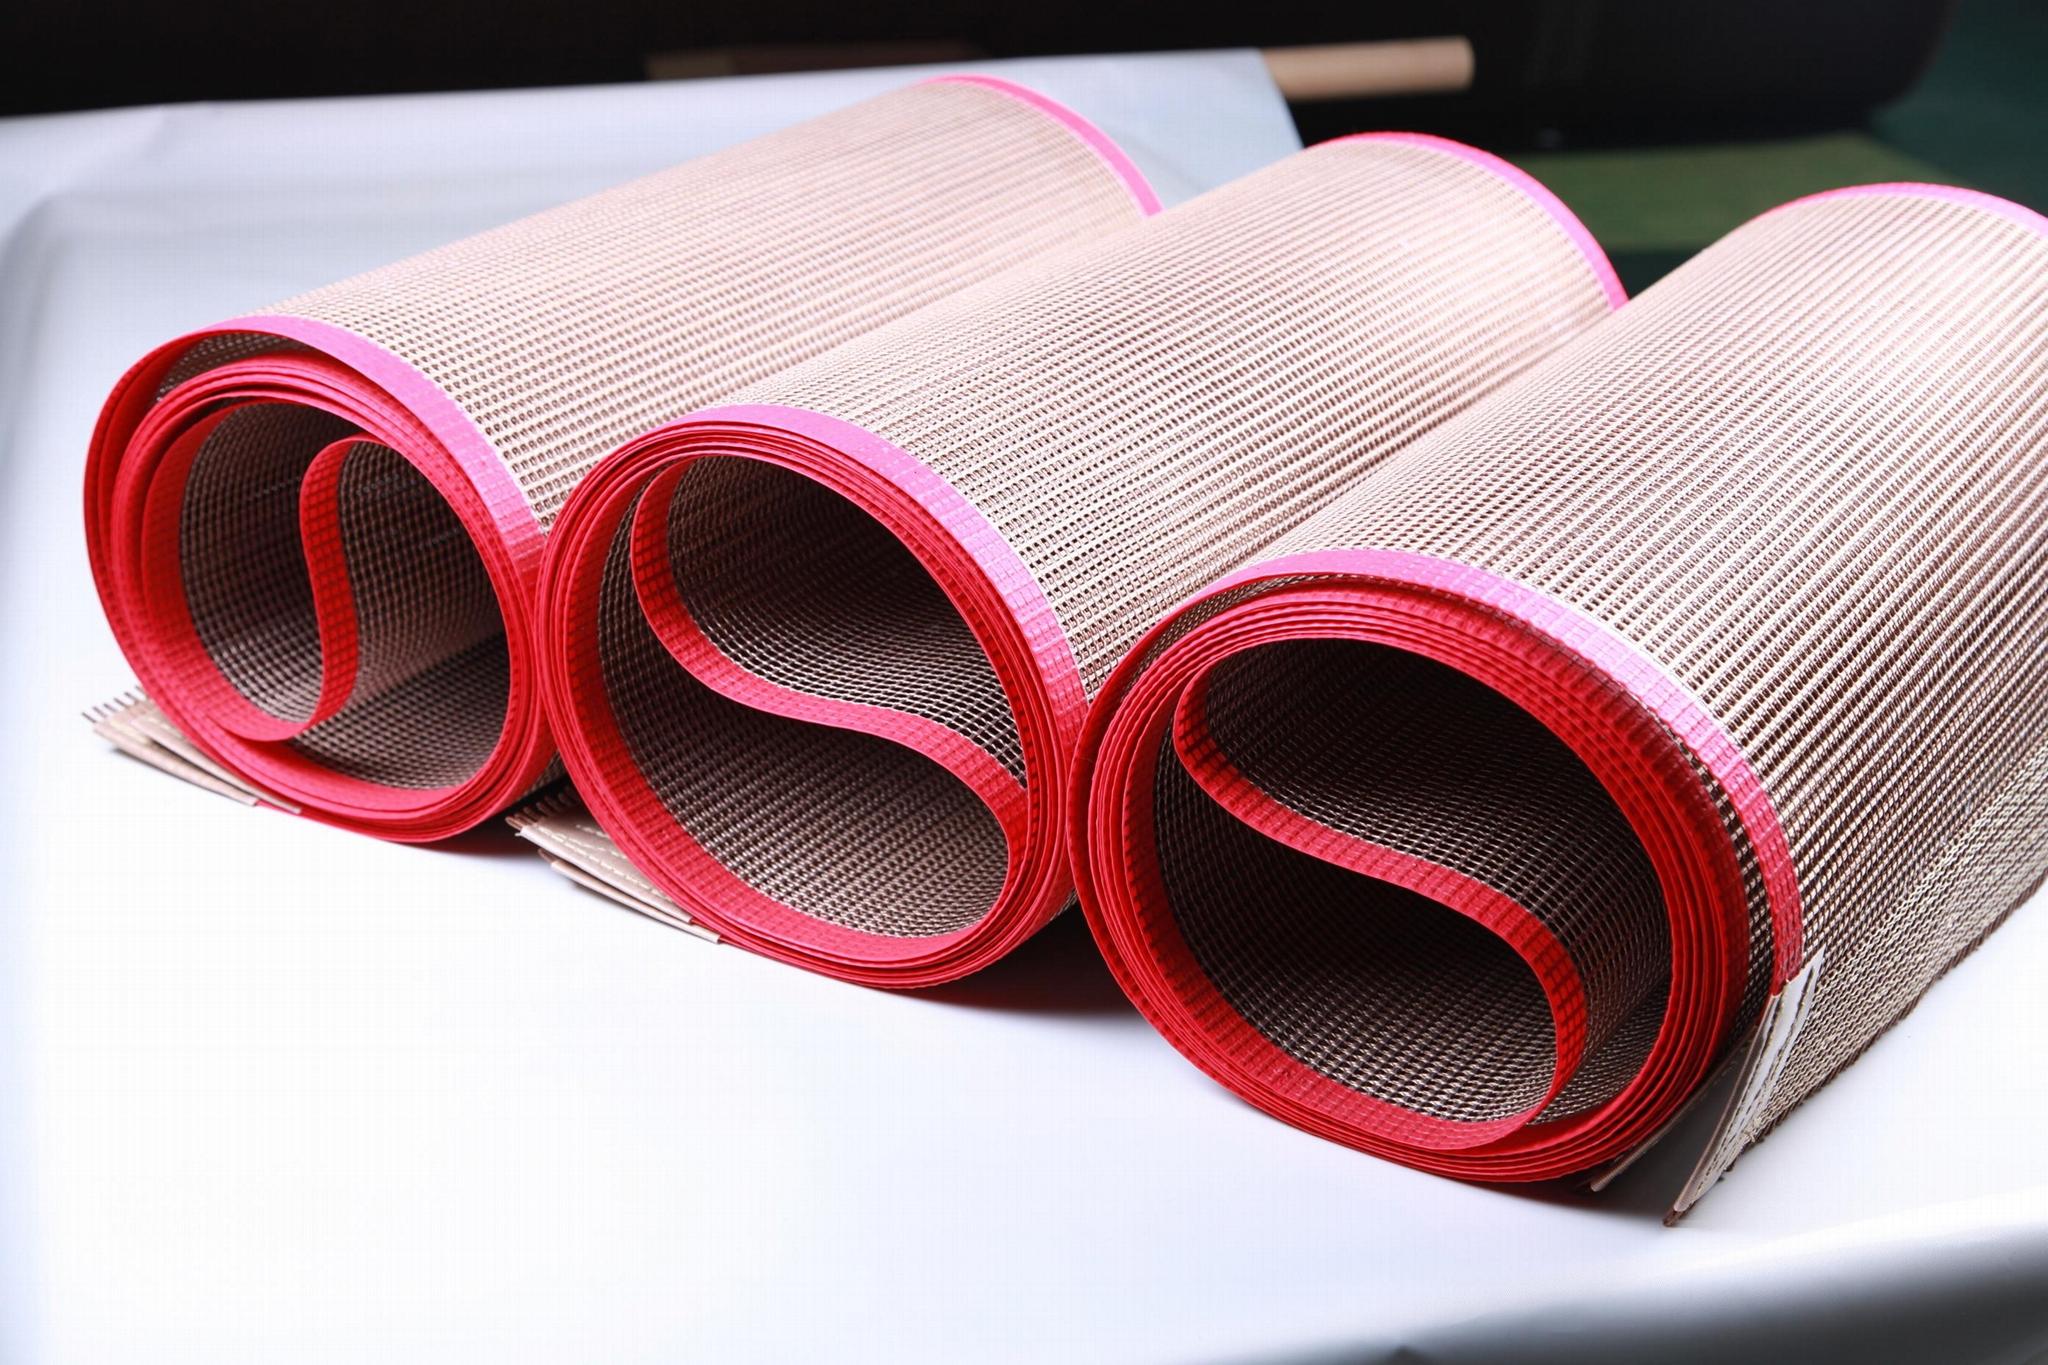 PTFE heat press sheet fiberglass open mesh conveyor belt 1